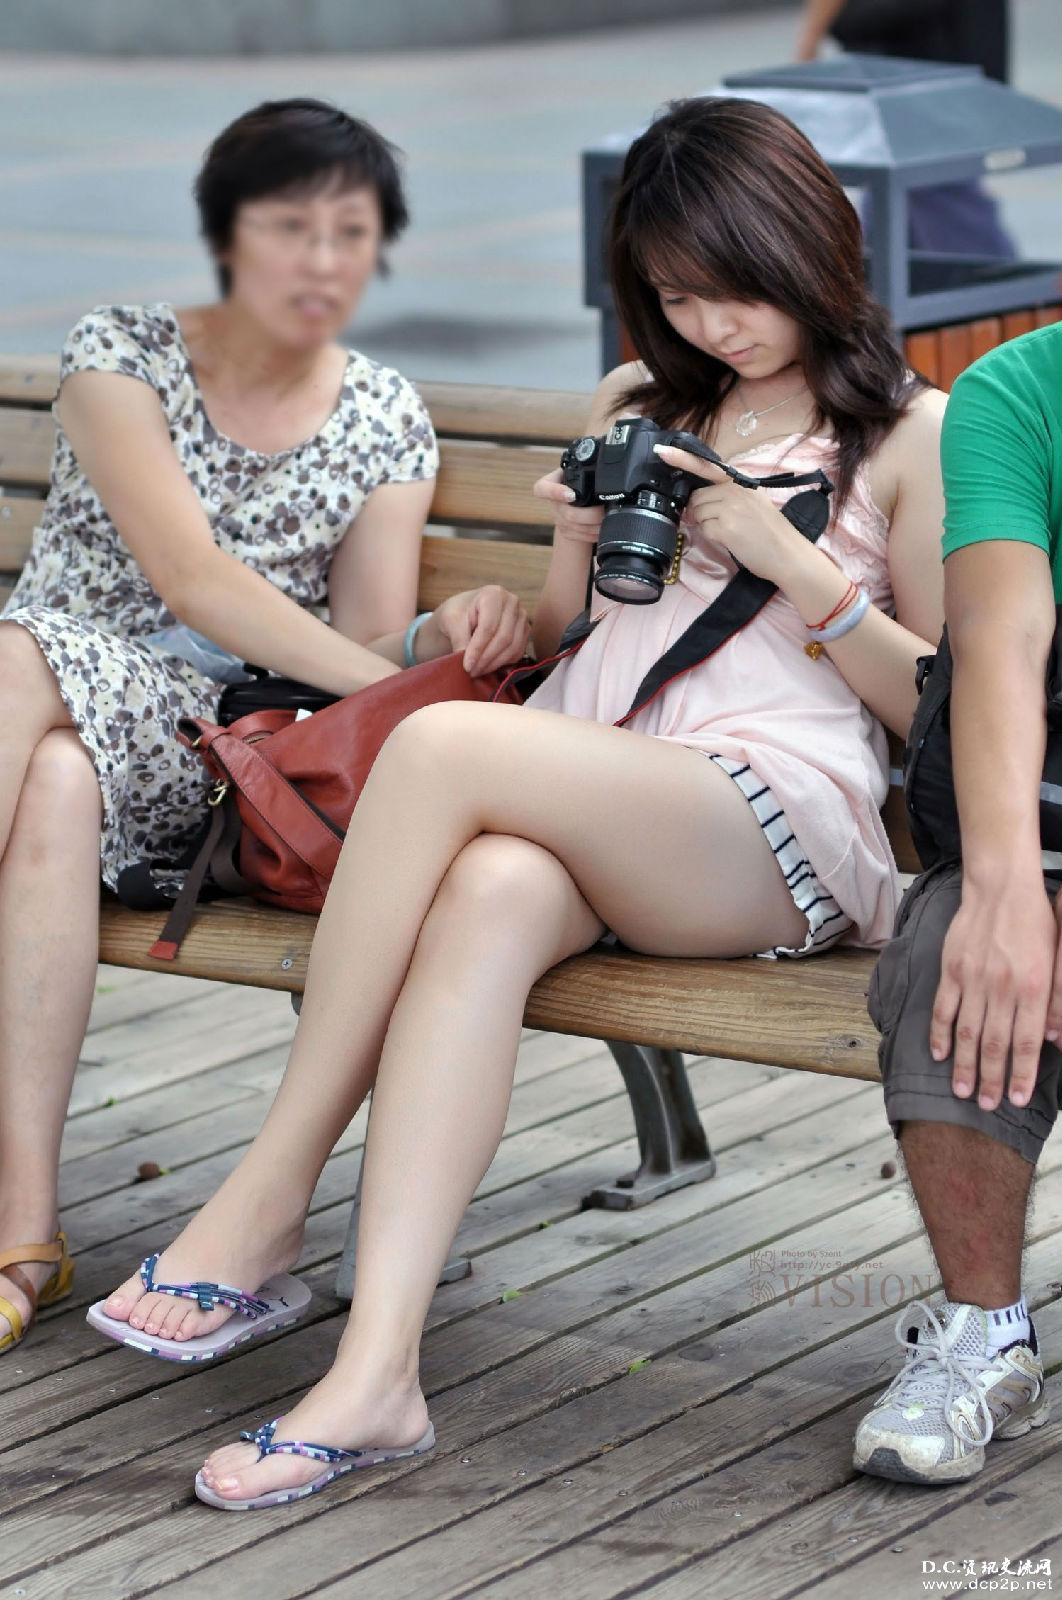 大家对于穿超短裤的女孩什么看法?